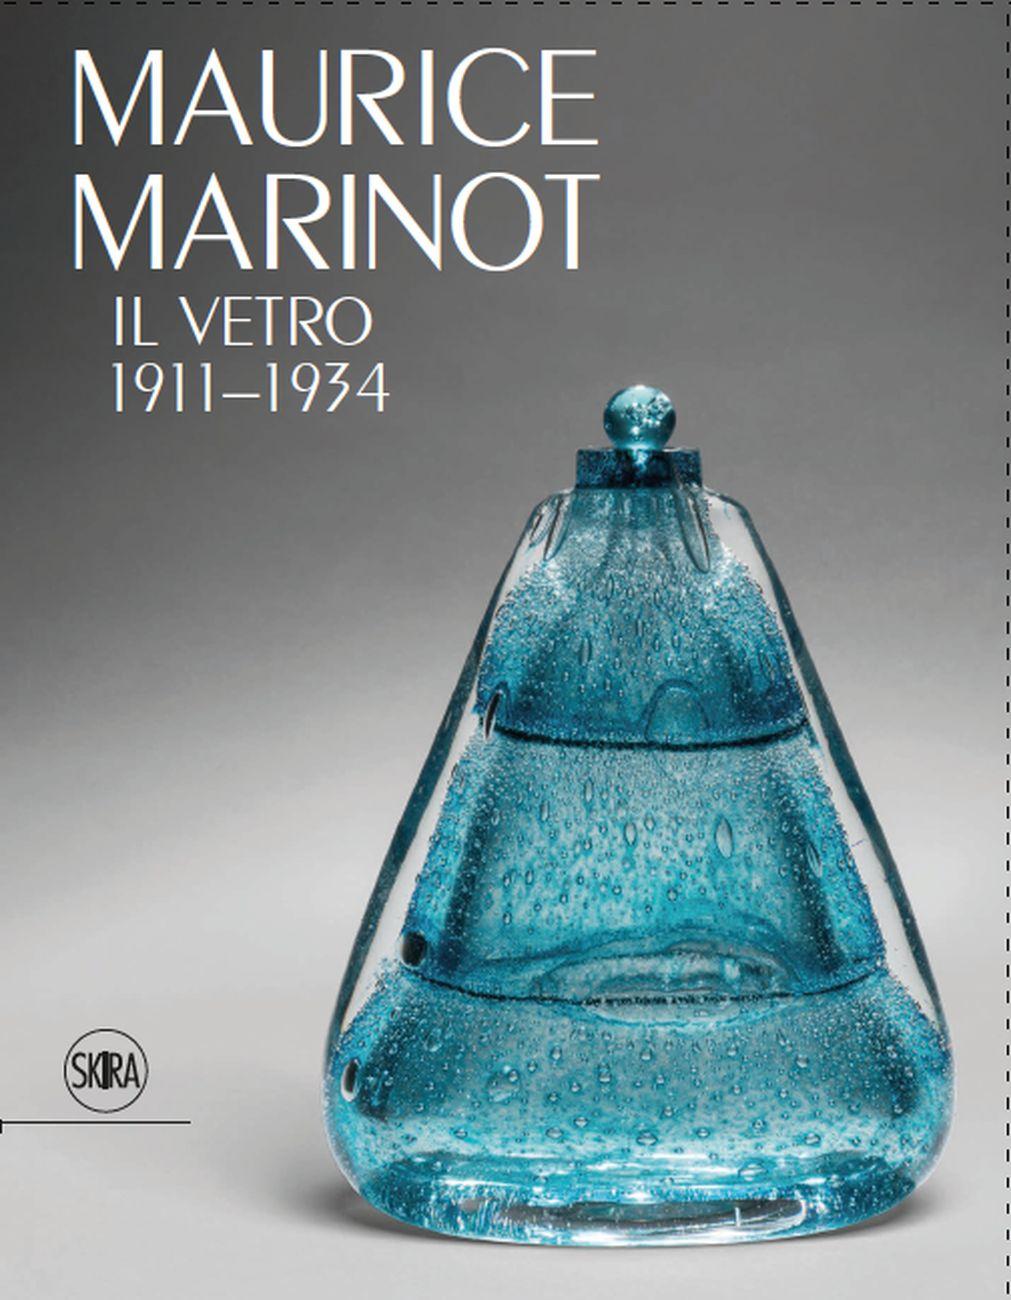 Maurice Marinot